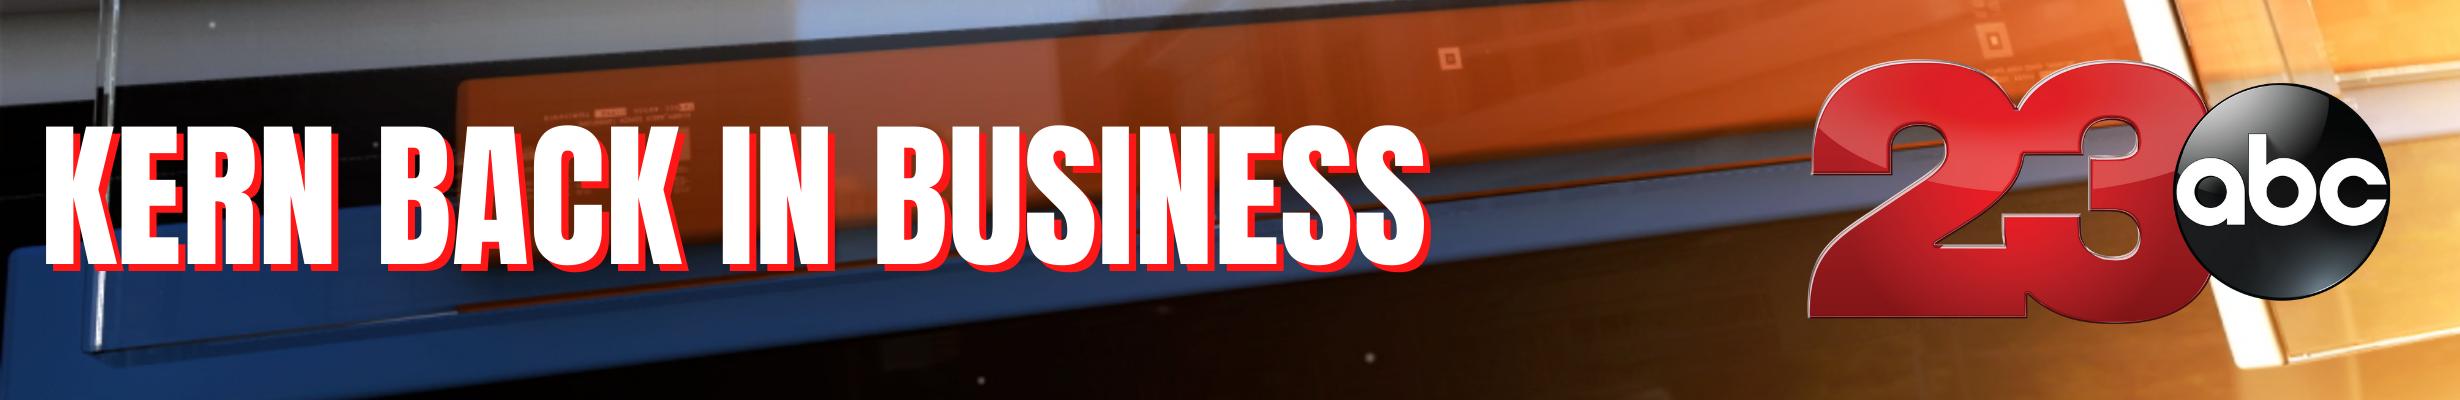 Kern Back in Business